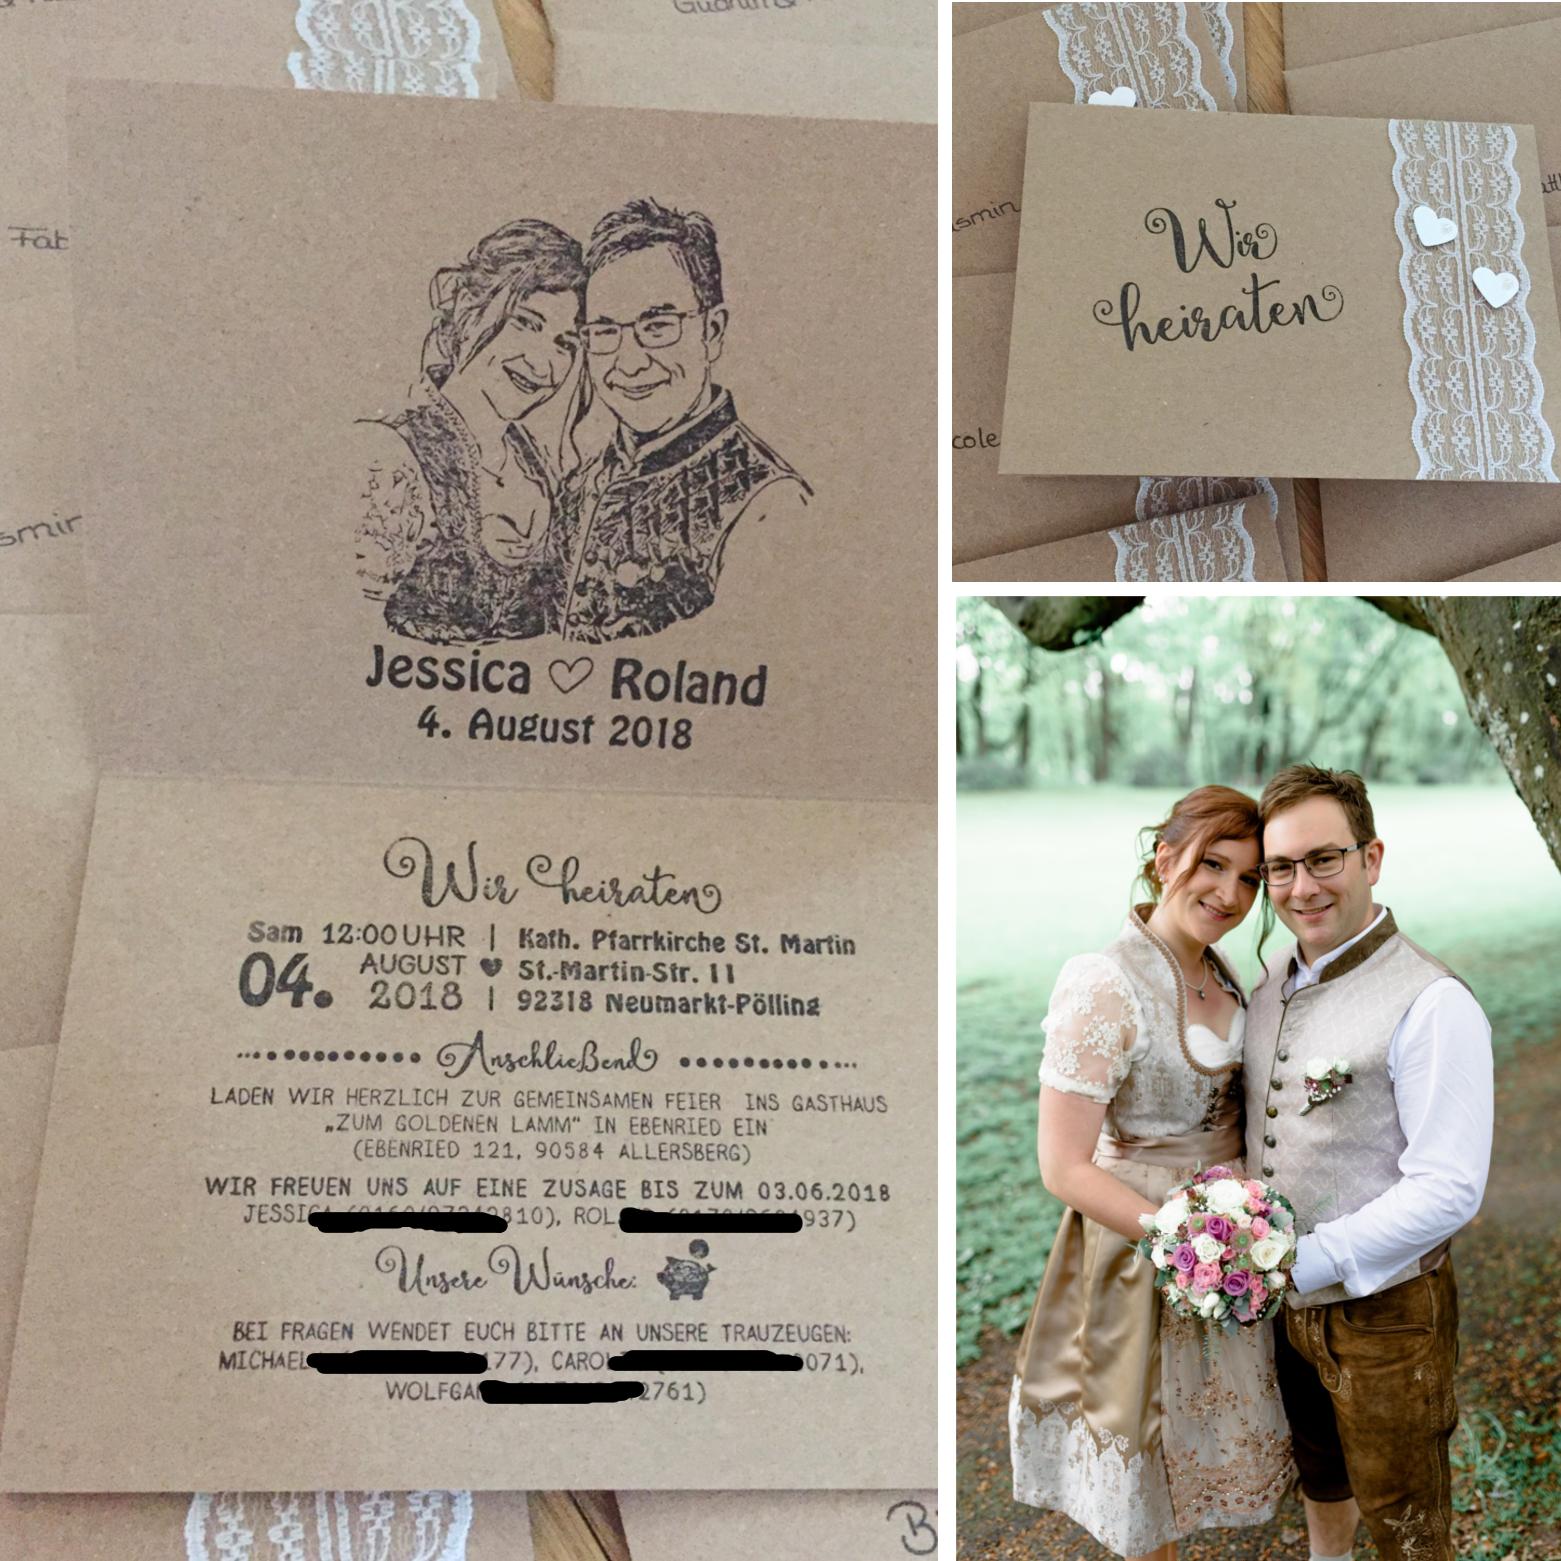 Fotostempel-Hochzeitseinladung-stempeln-selberbasteln-Einladungsstempel-wir-heiraten-stempel-vintage